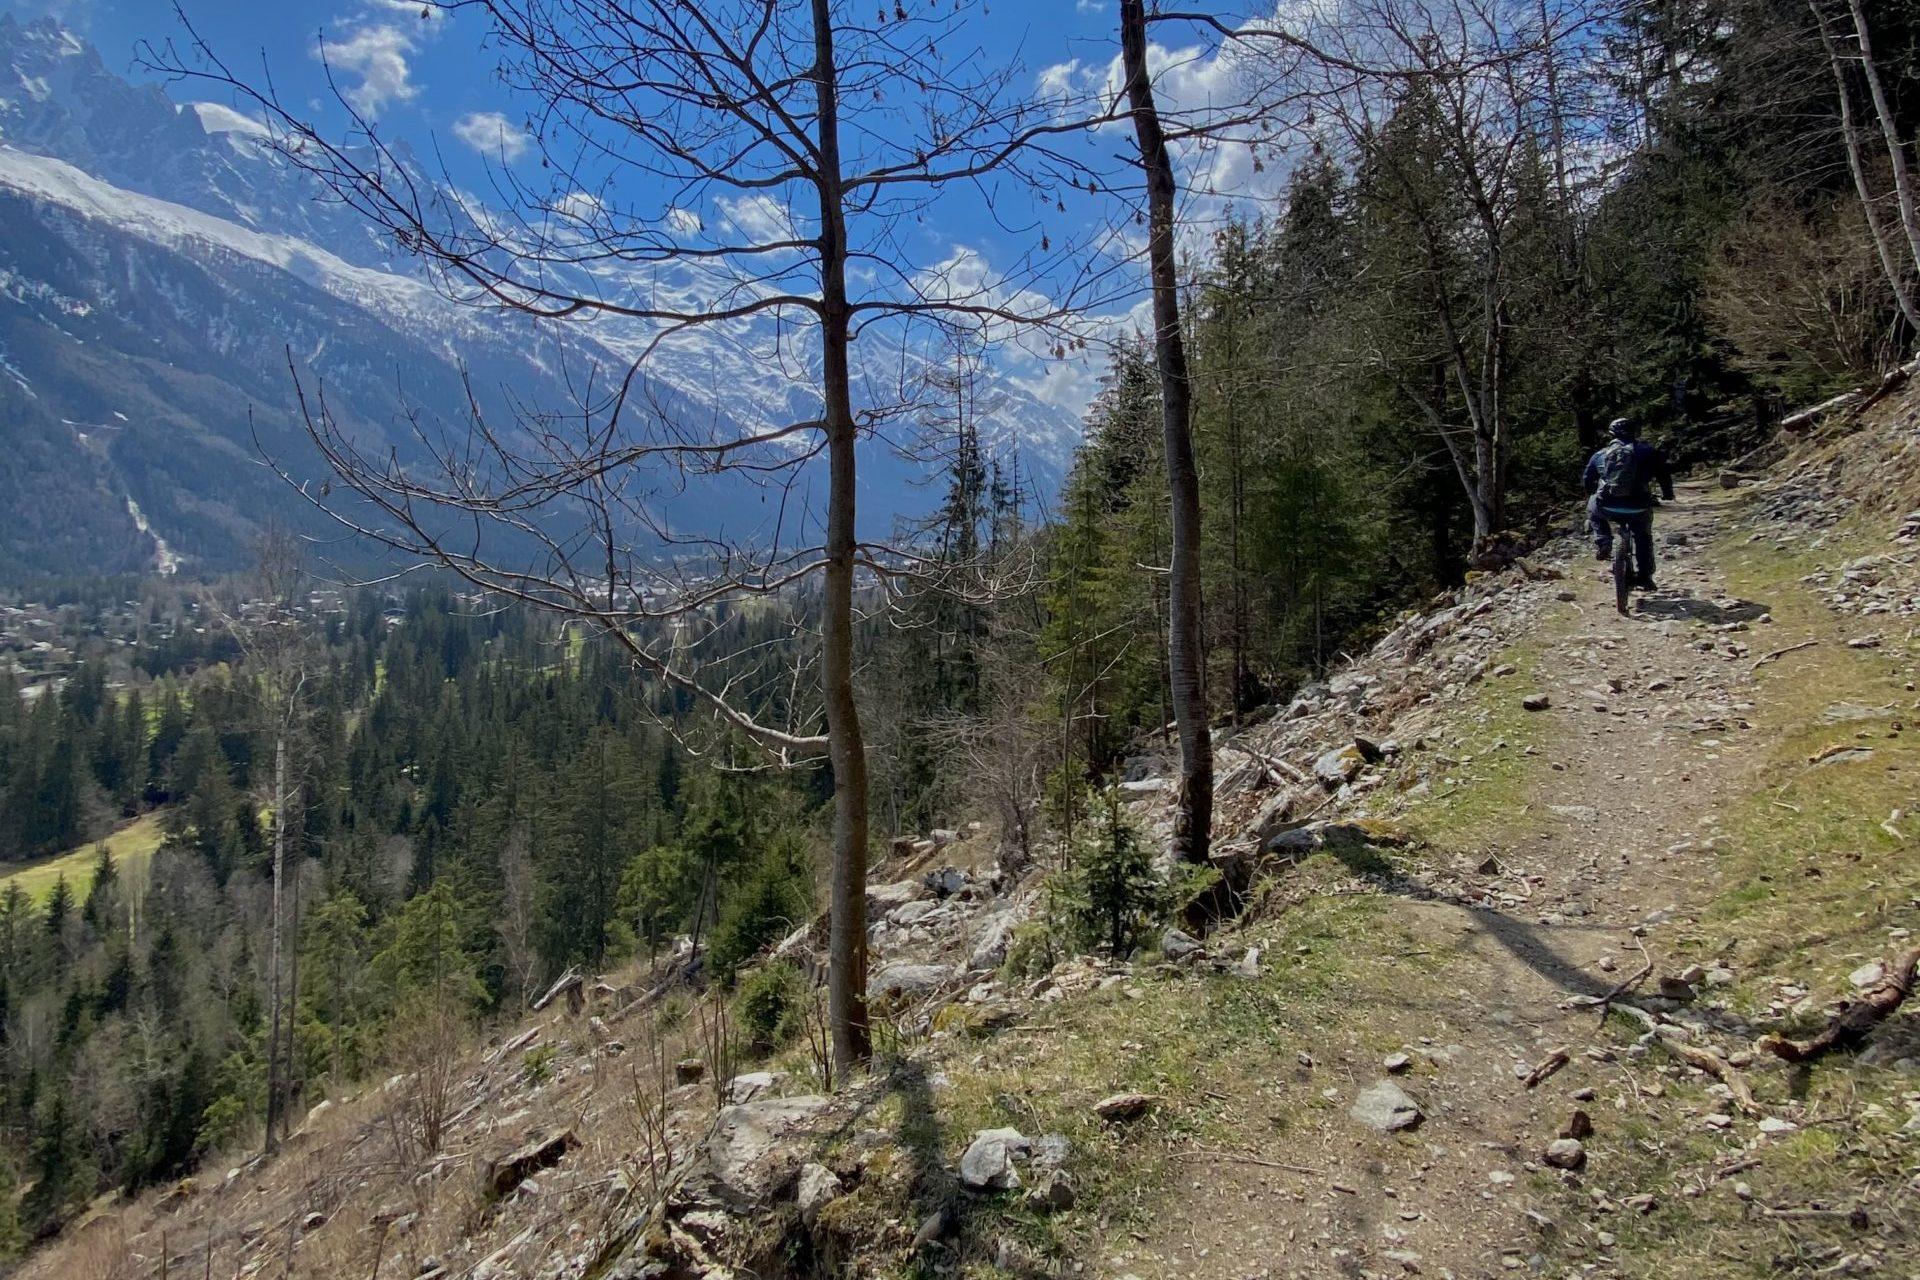 Alpine E-bike preparation course